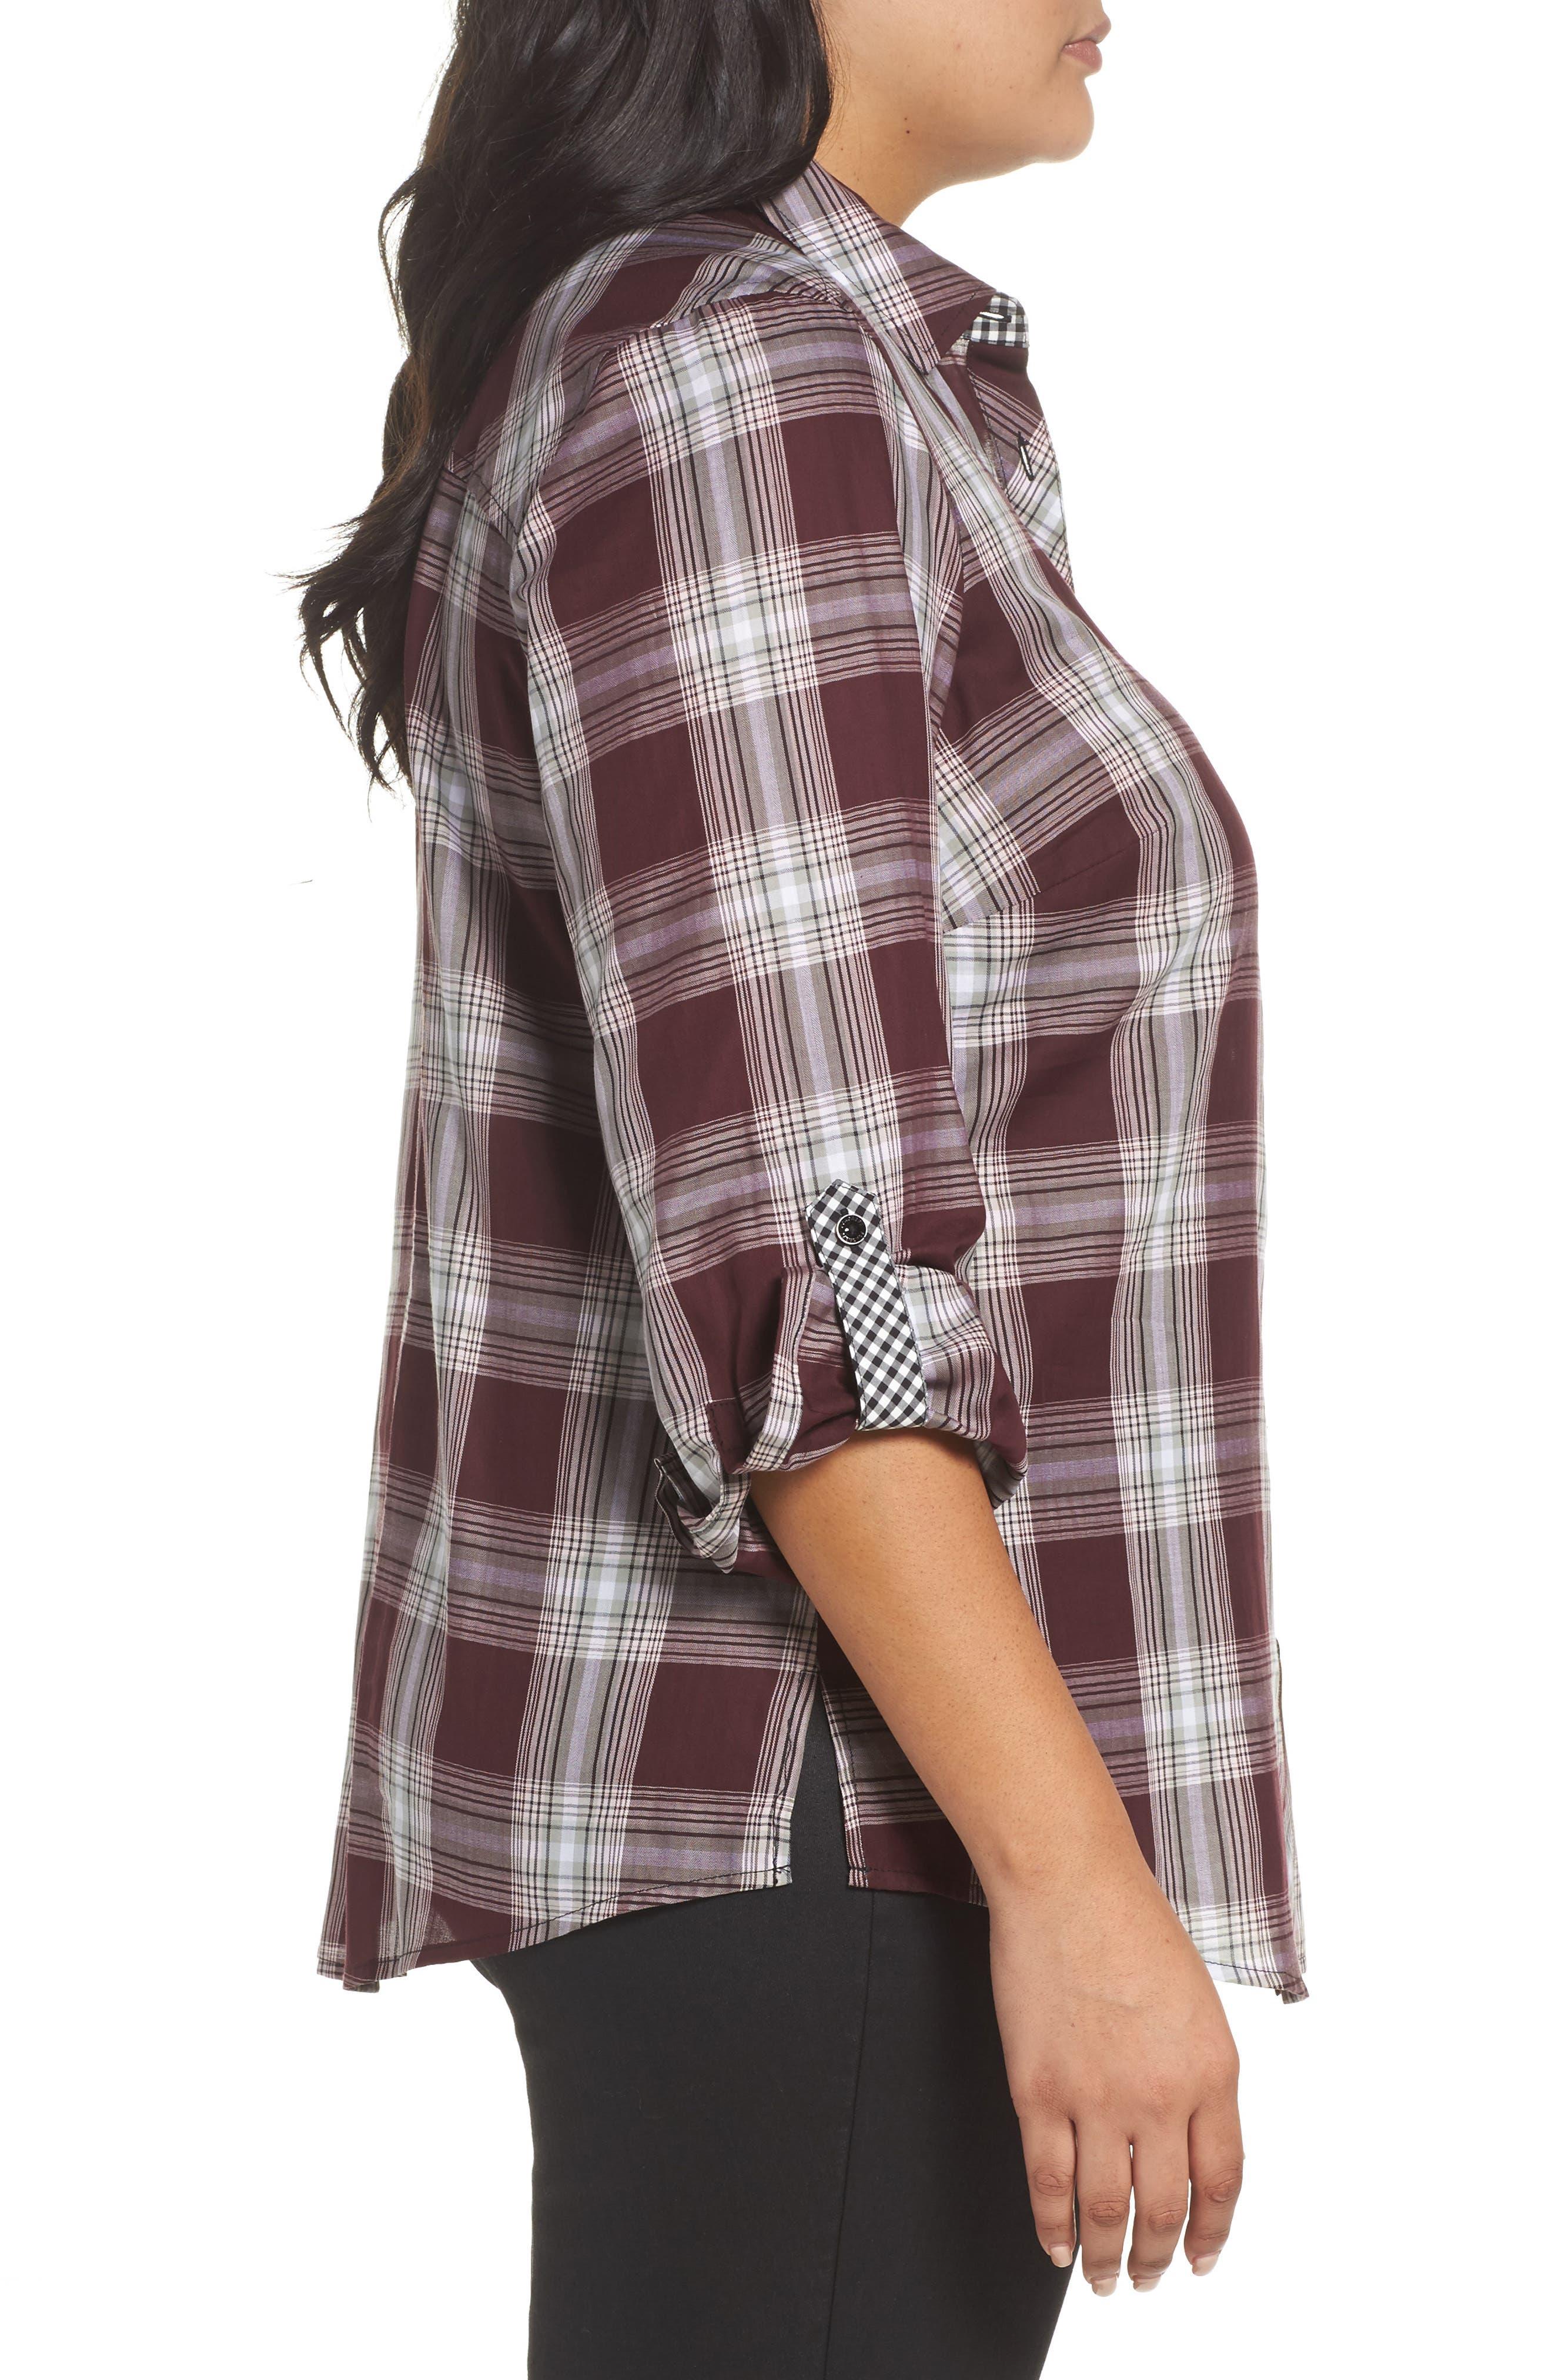 Addison Plaid Cotton Shirt,                             Alternate thumbnail 3, color,                             605